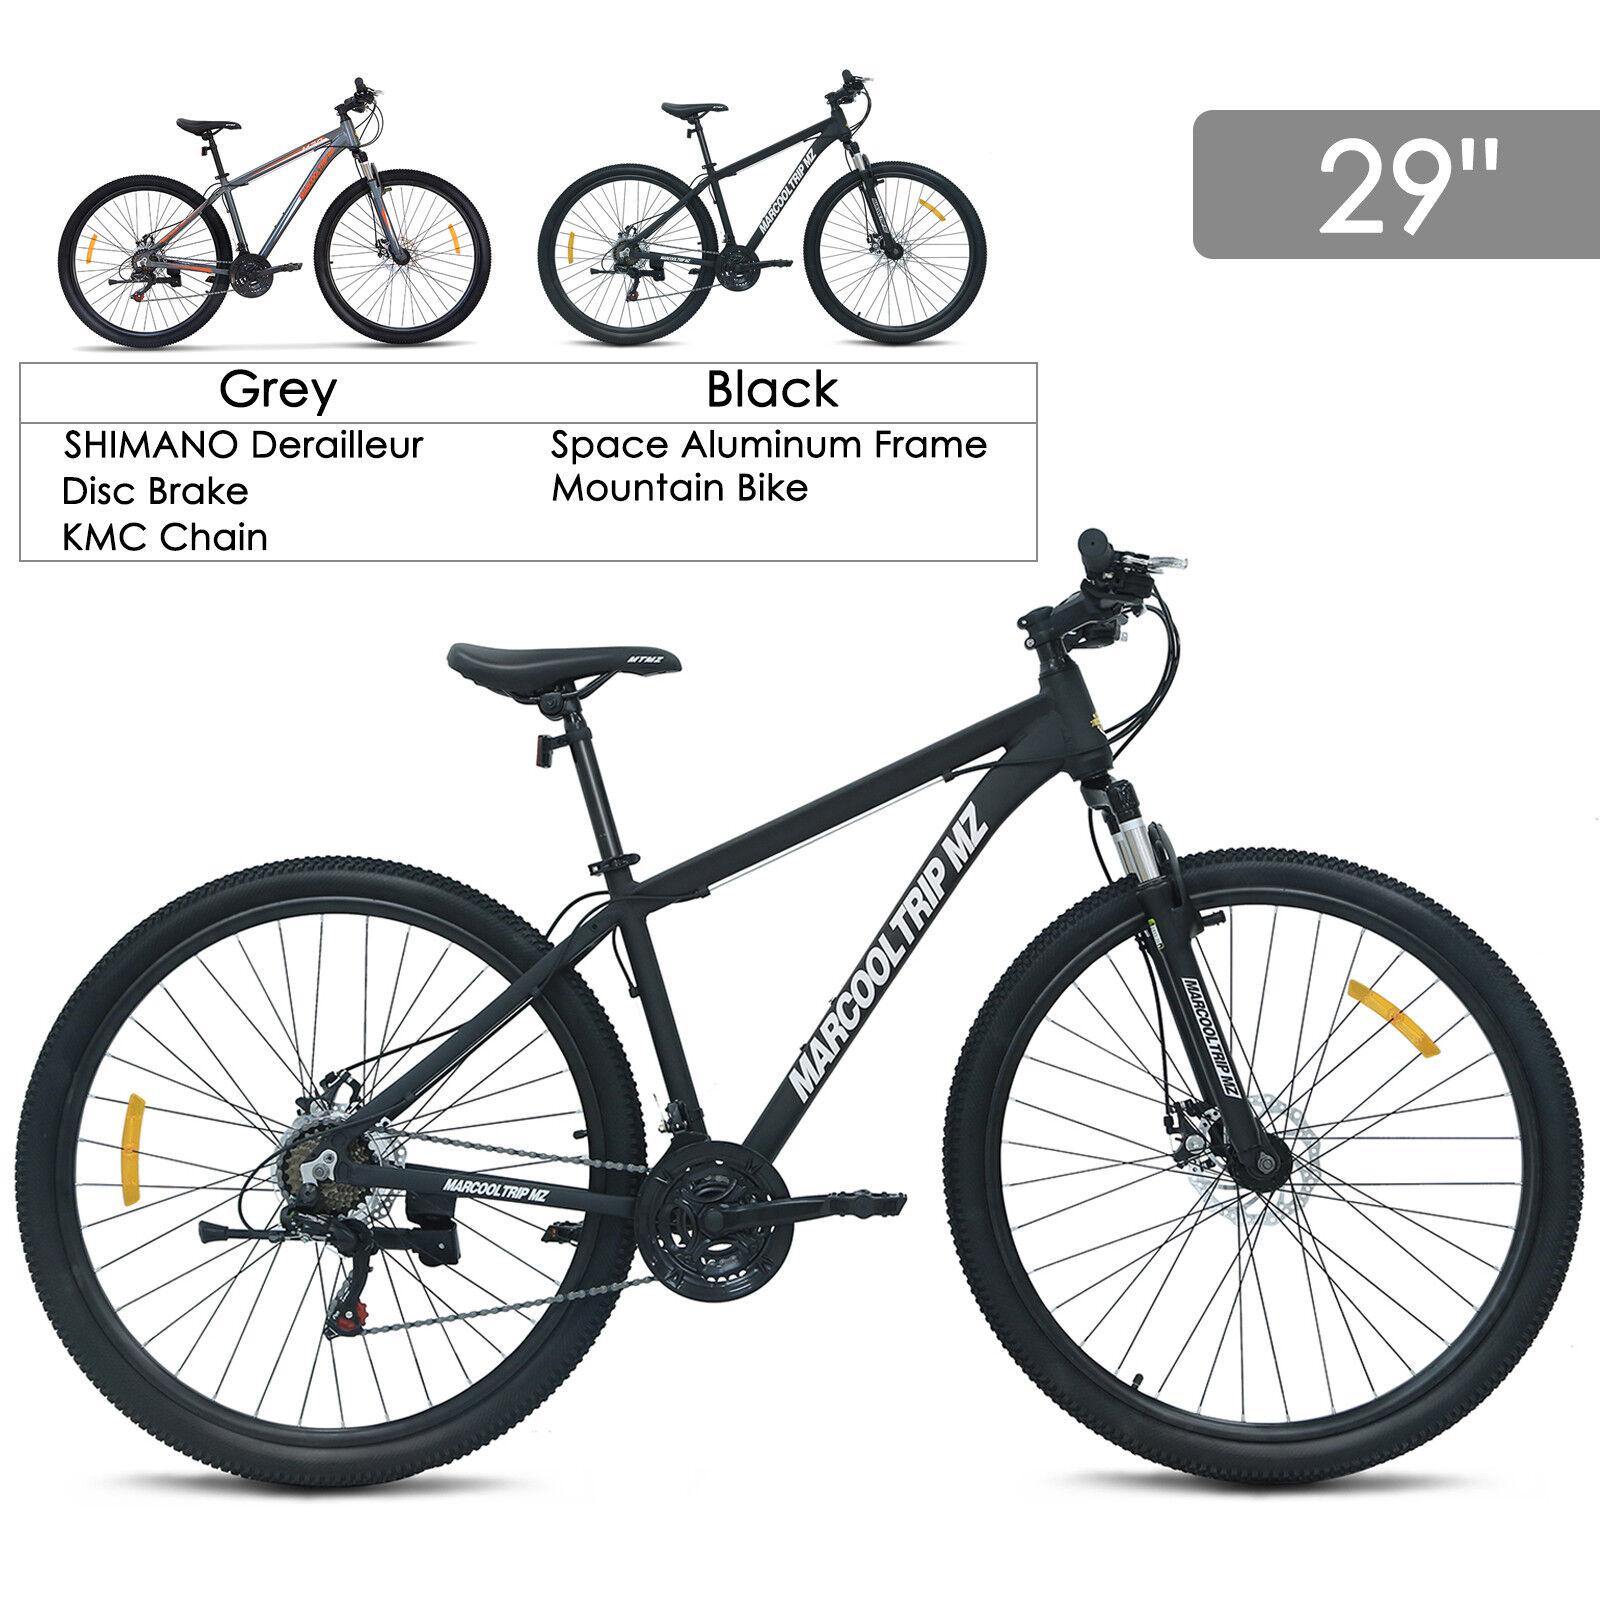 29 Aluminum Frame Men's Mountain Bike 21 Speed Shimano Hybrid Bicycle Disc Brake